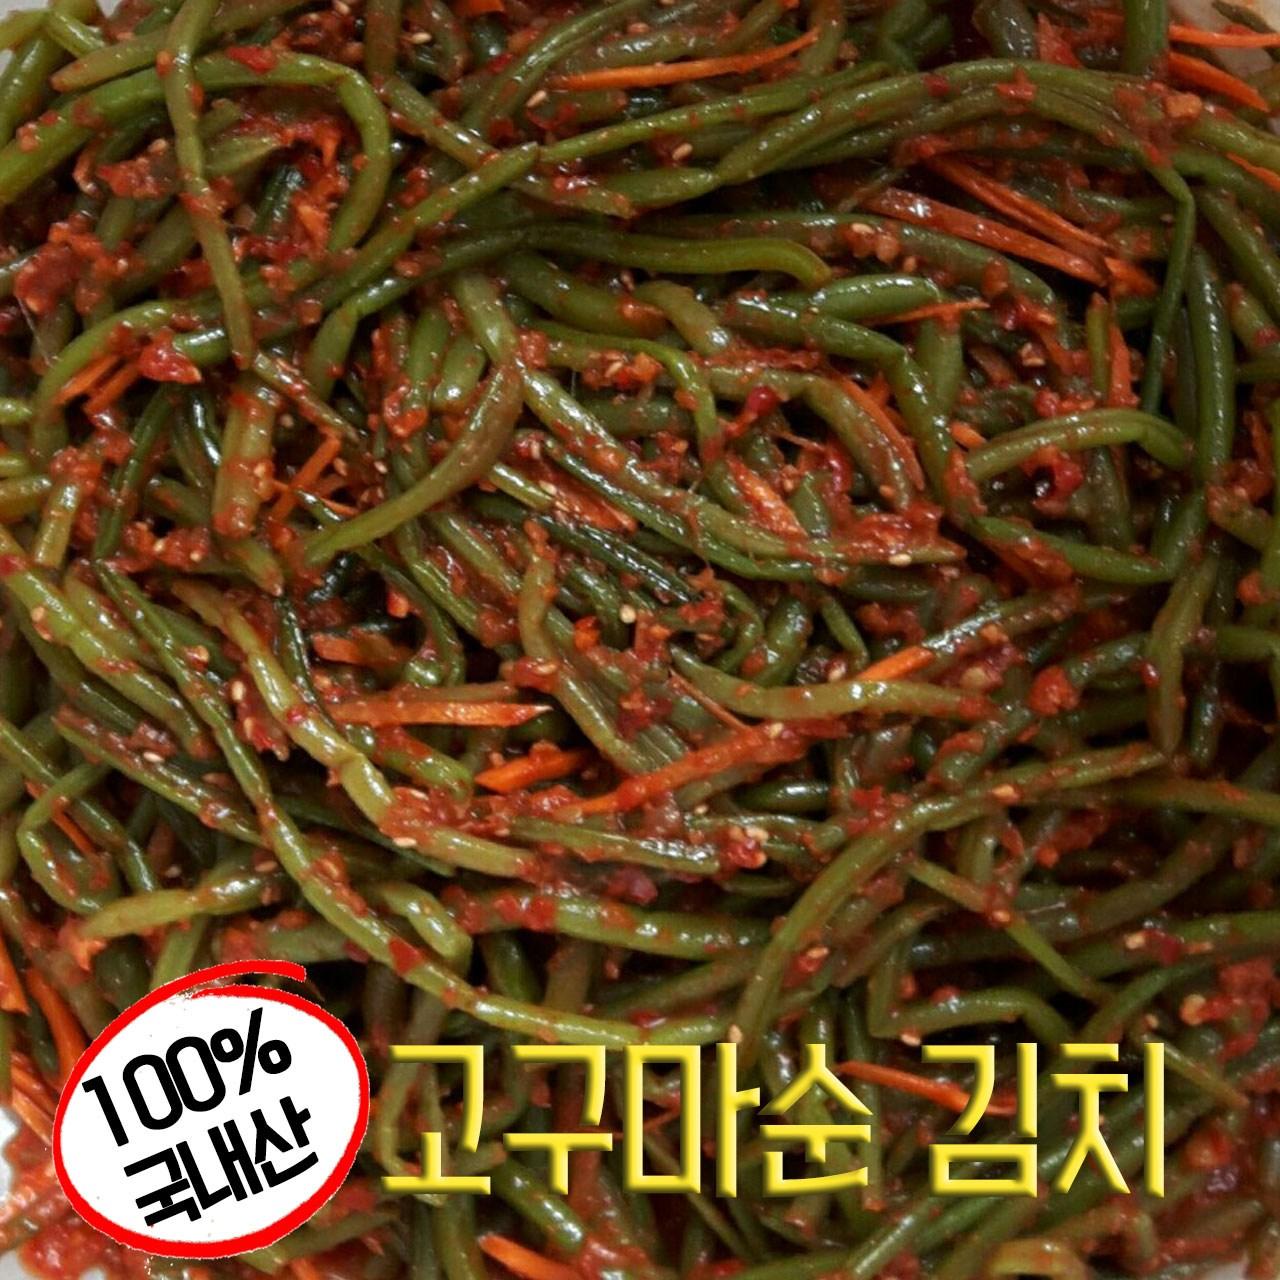 정지현식품 맛과 식감의 진리 고구마순김치(고구마줄기김치) 1KG, 1개